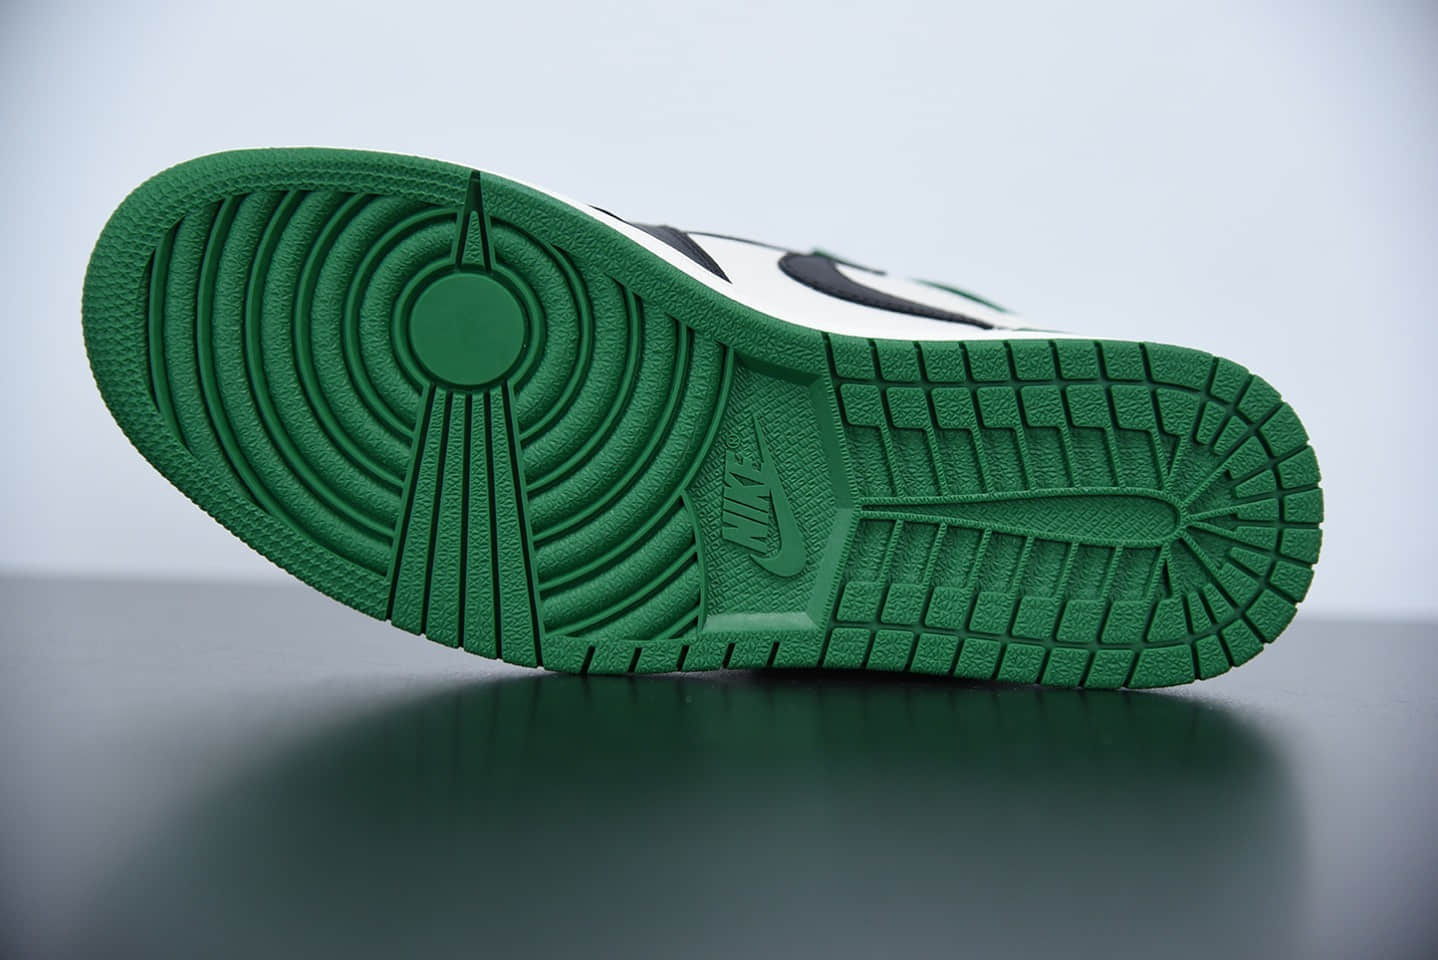 """乔丹Air Jordan 1 Retro High OG """"Pine Green""""黑绿脚趾高帮板鞋纯原版本 货号:555088-302"""